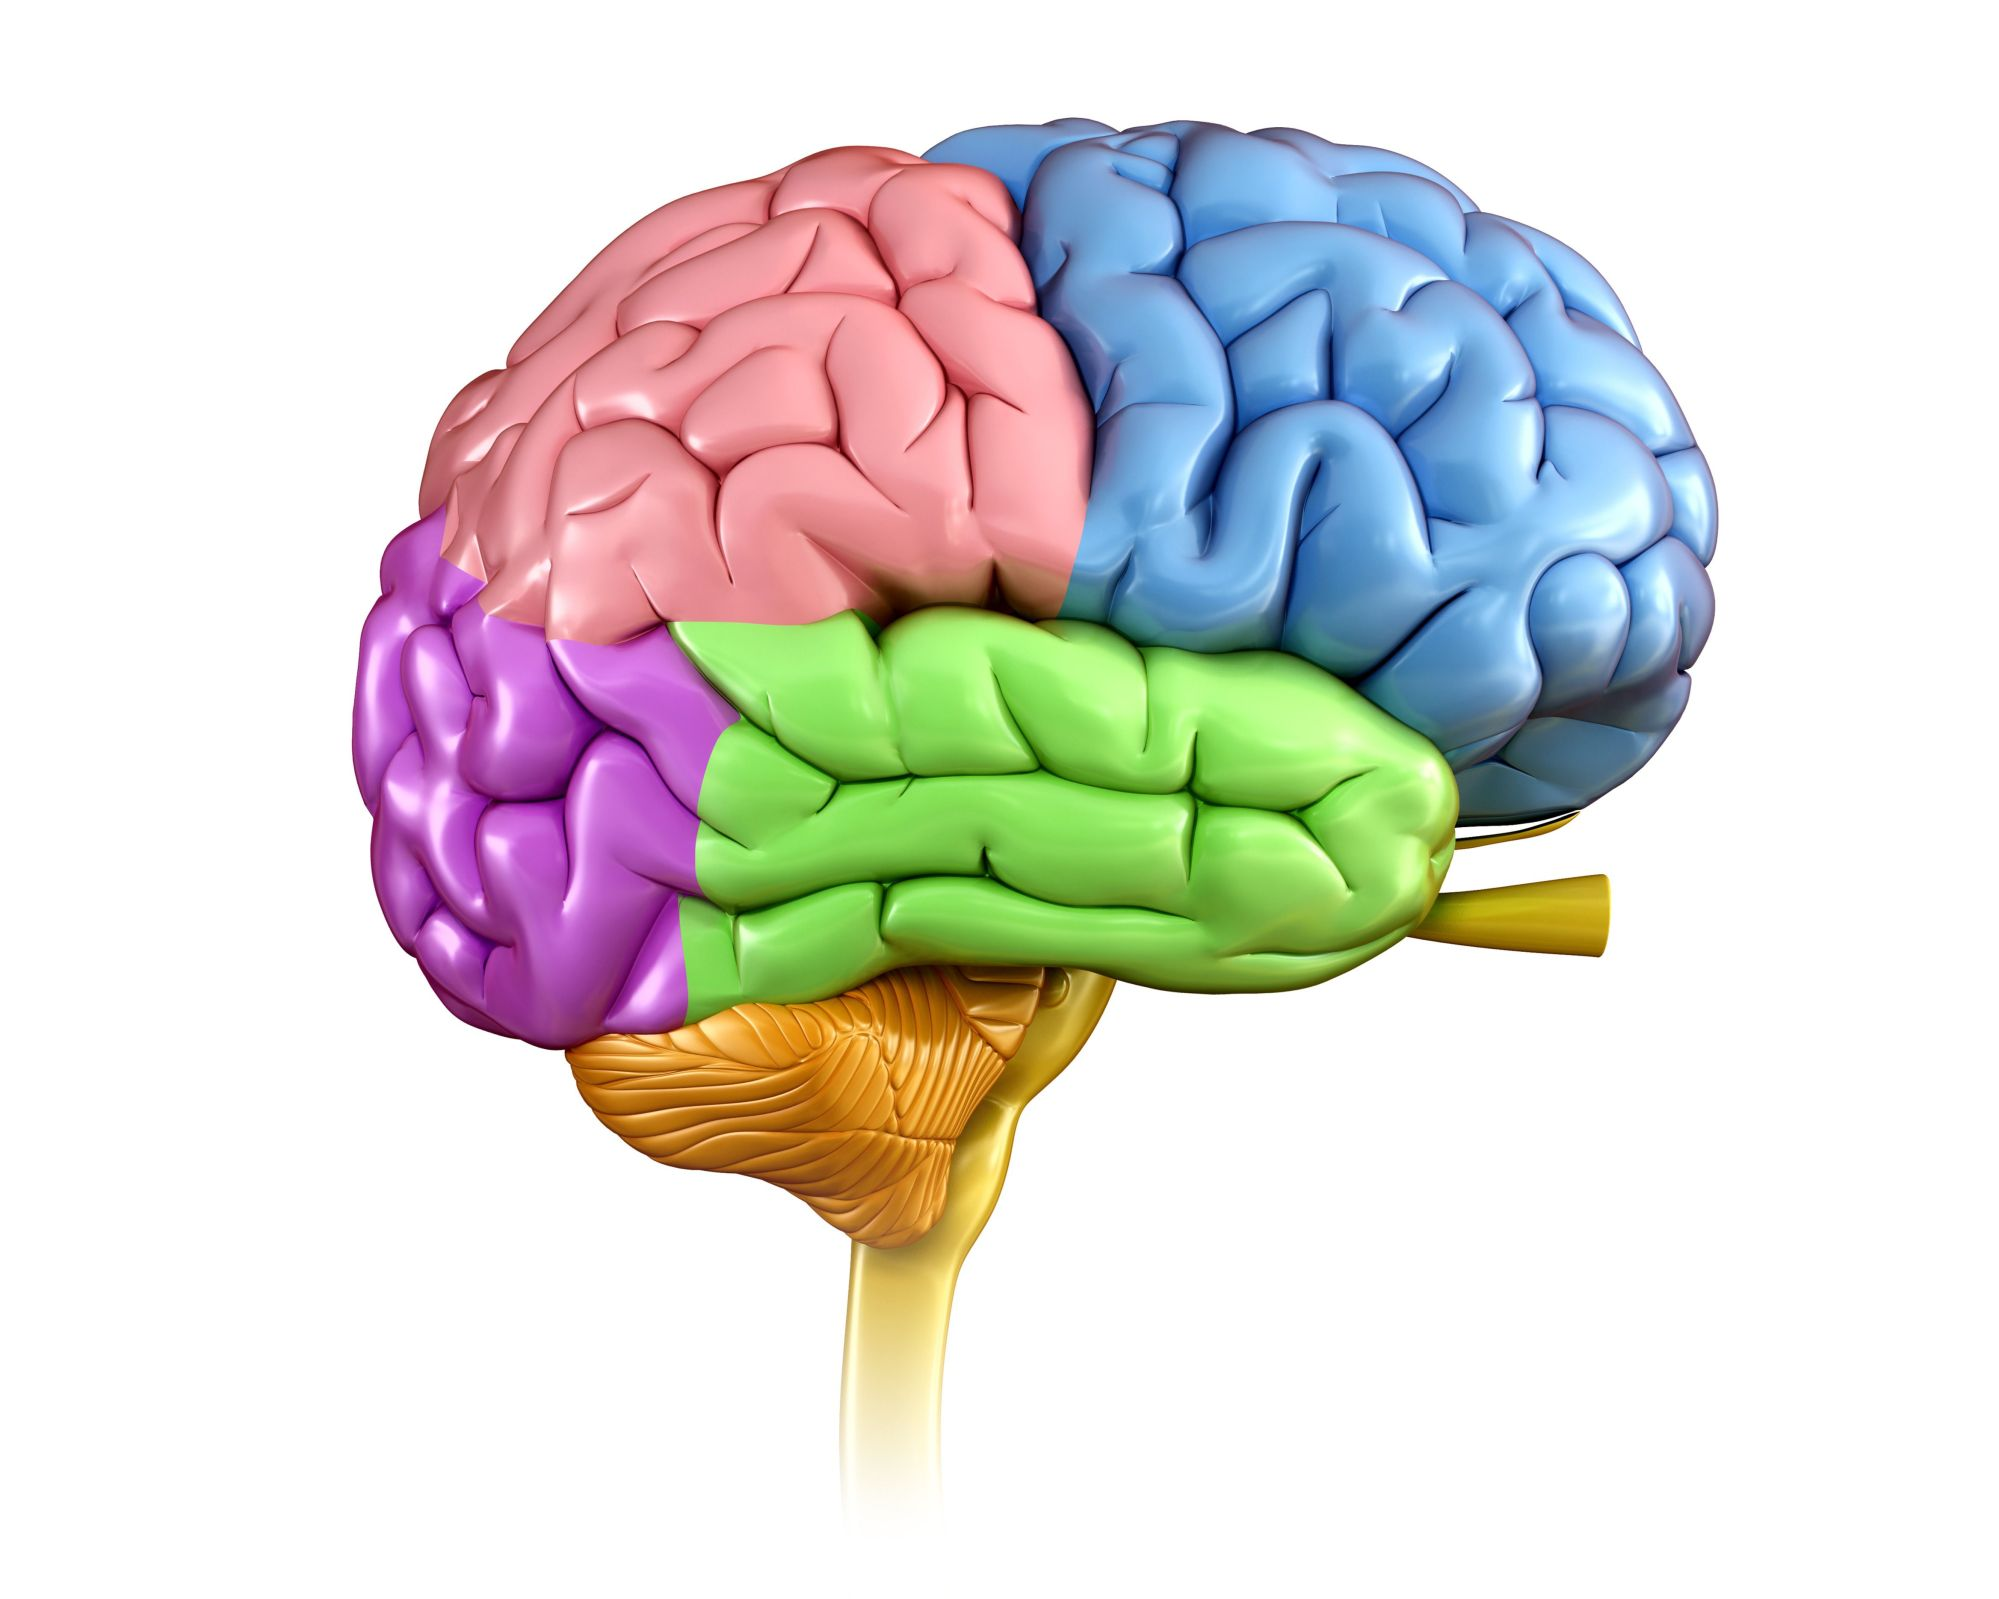 hight resolution of human brain regions illustration